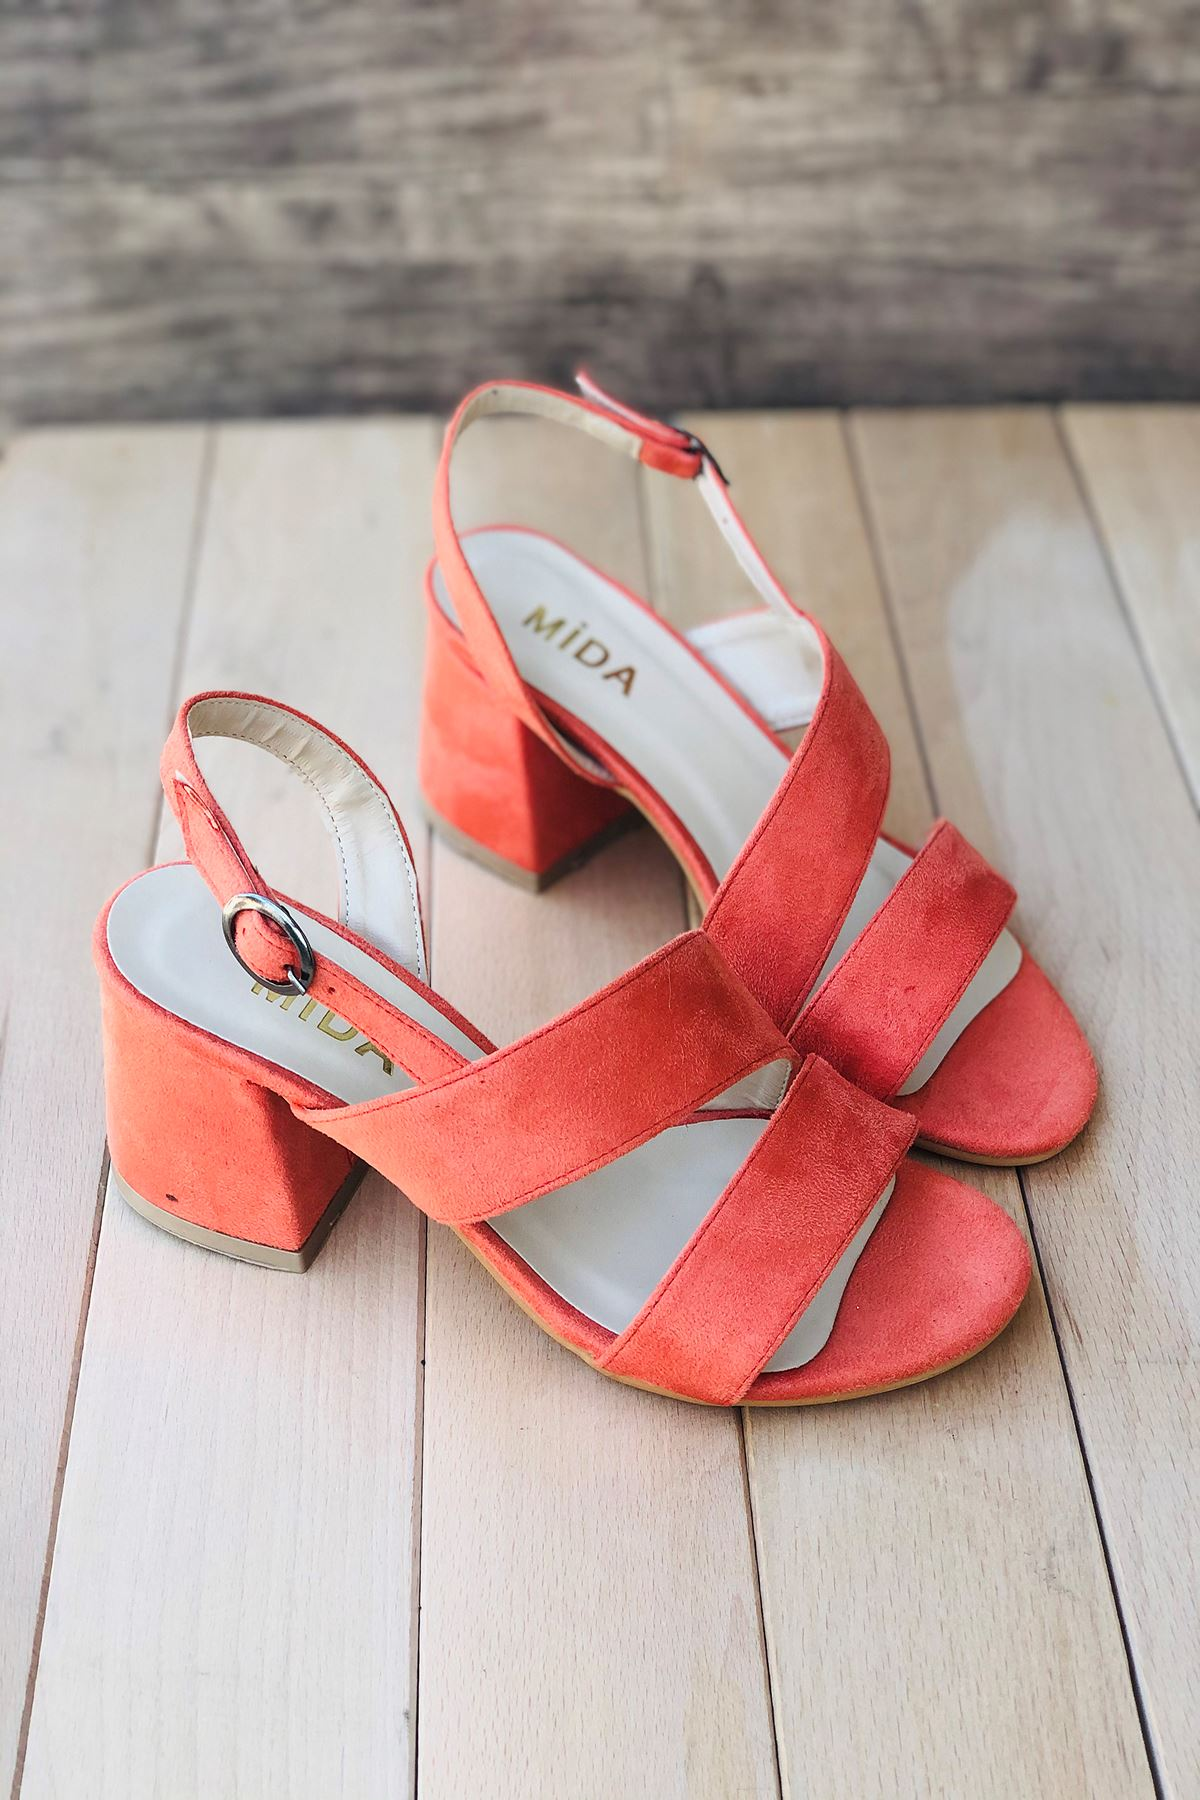 Y502 Turuncu Süet Topuklu Ayakkabı